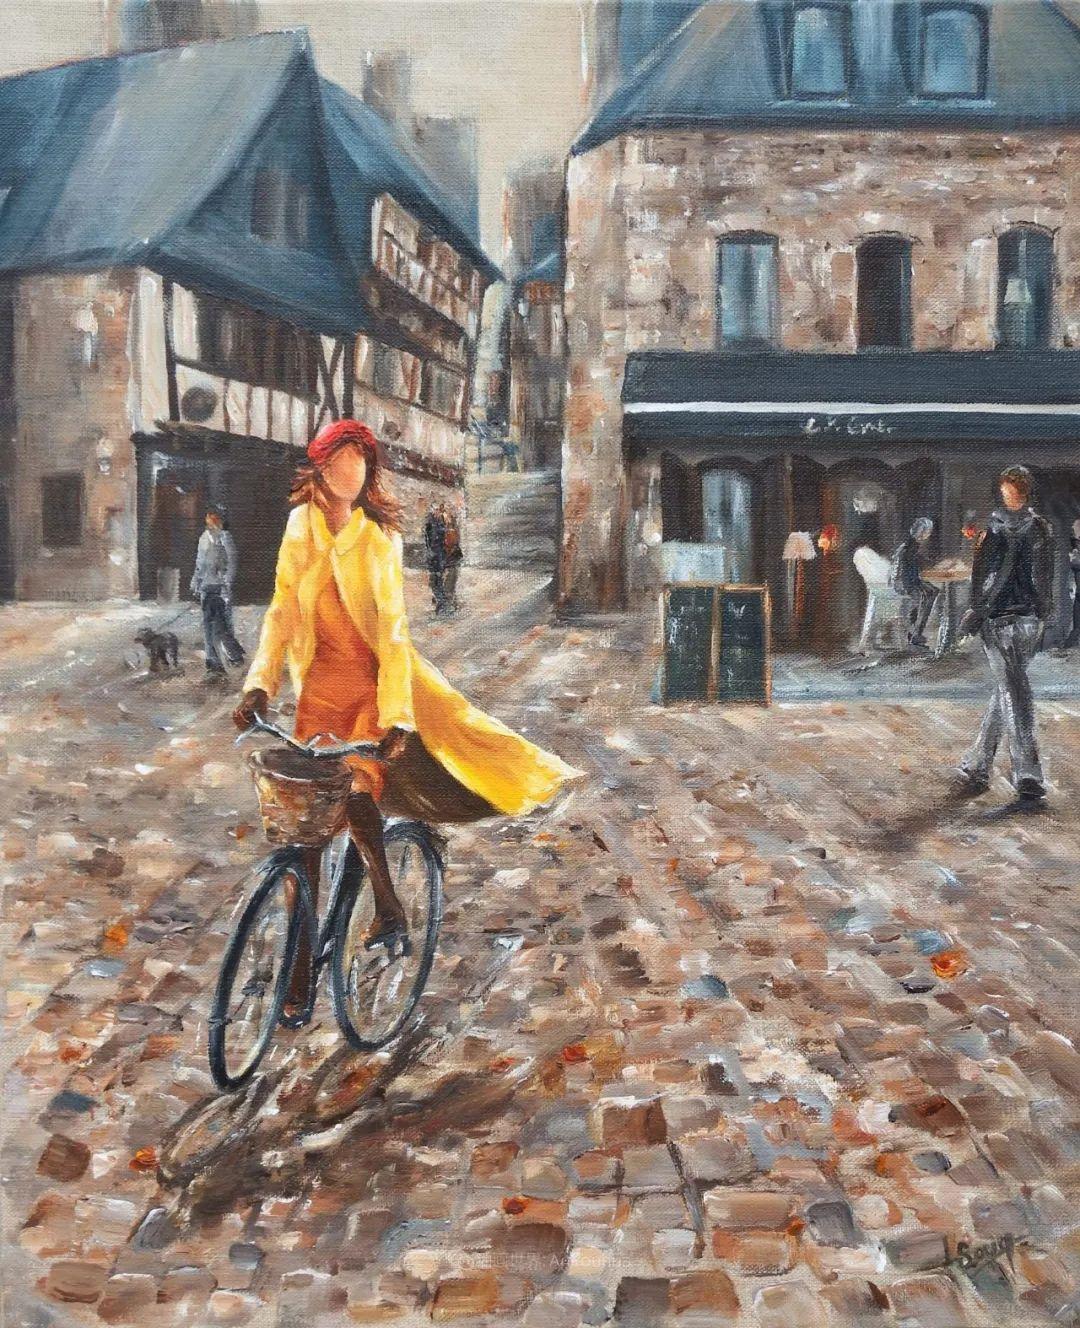 穿黄裙的女人,无忧无虑,轻盈美丽!插图41